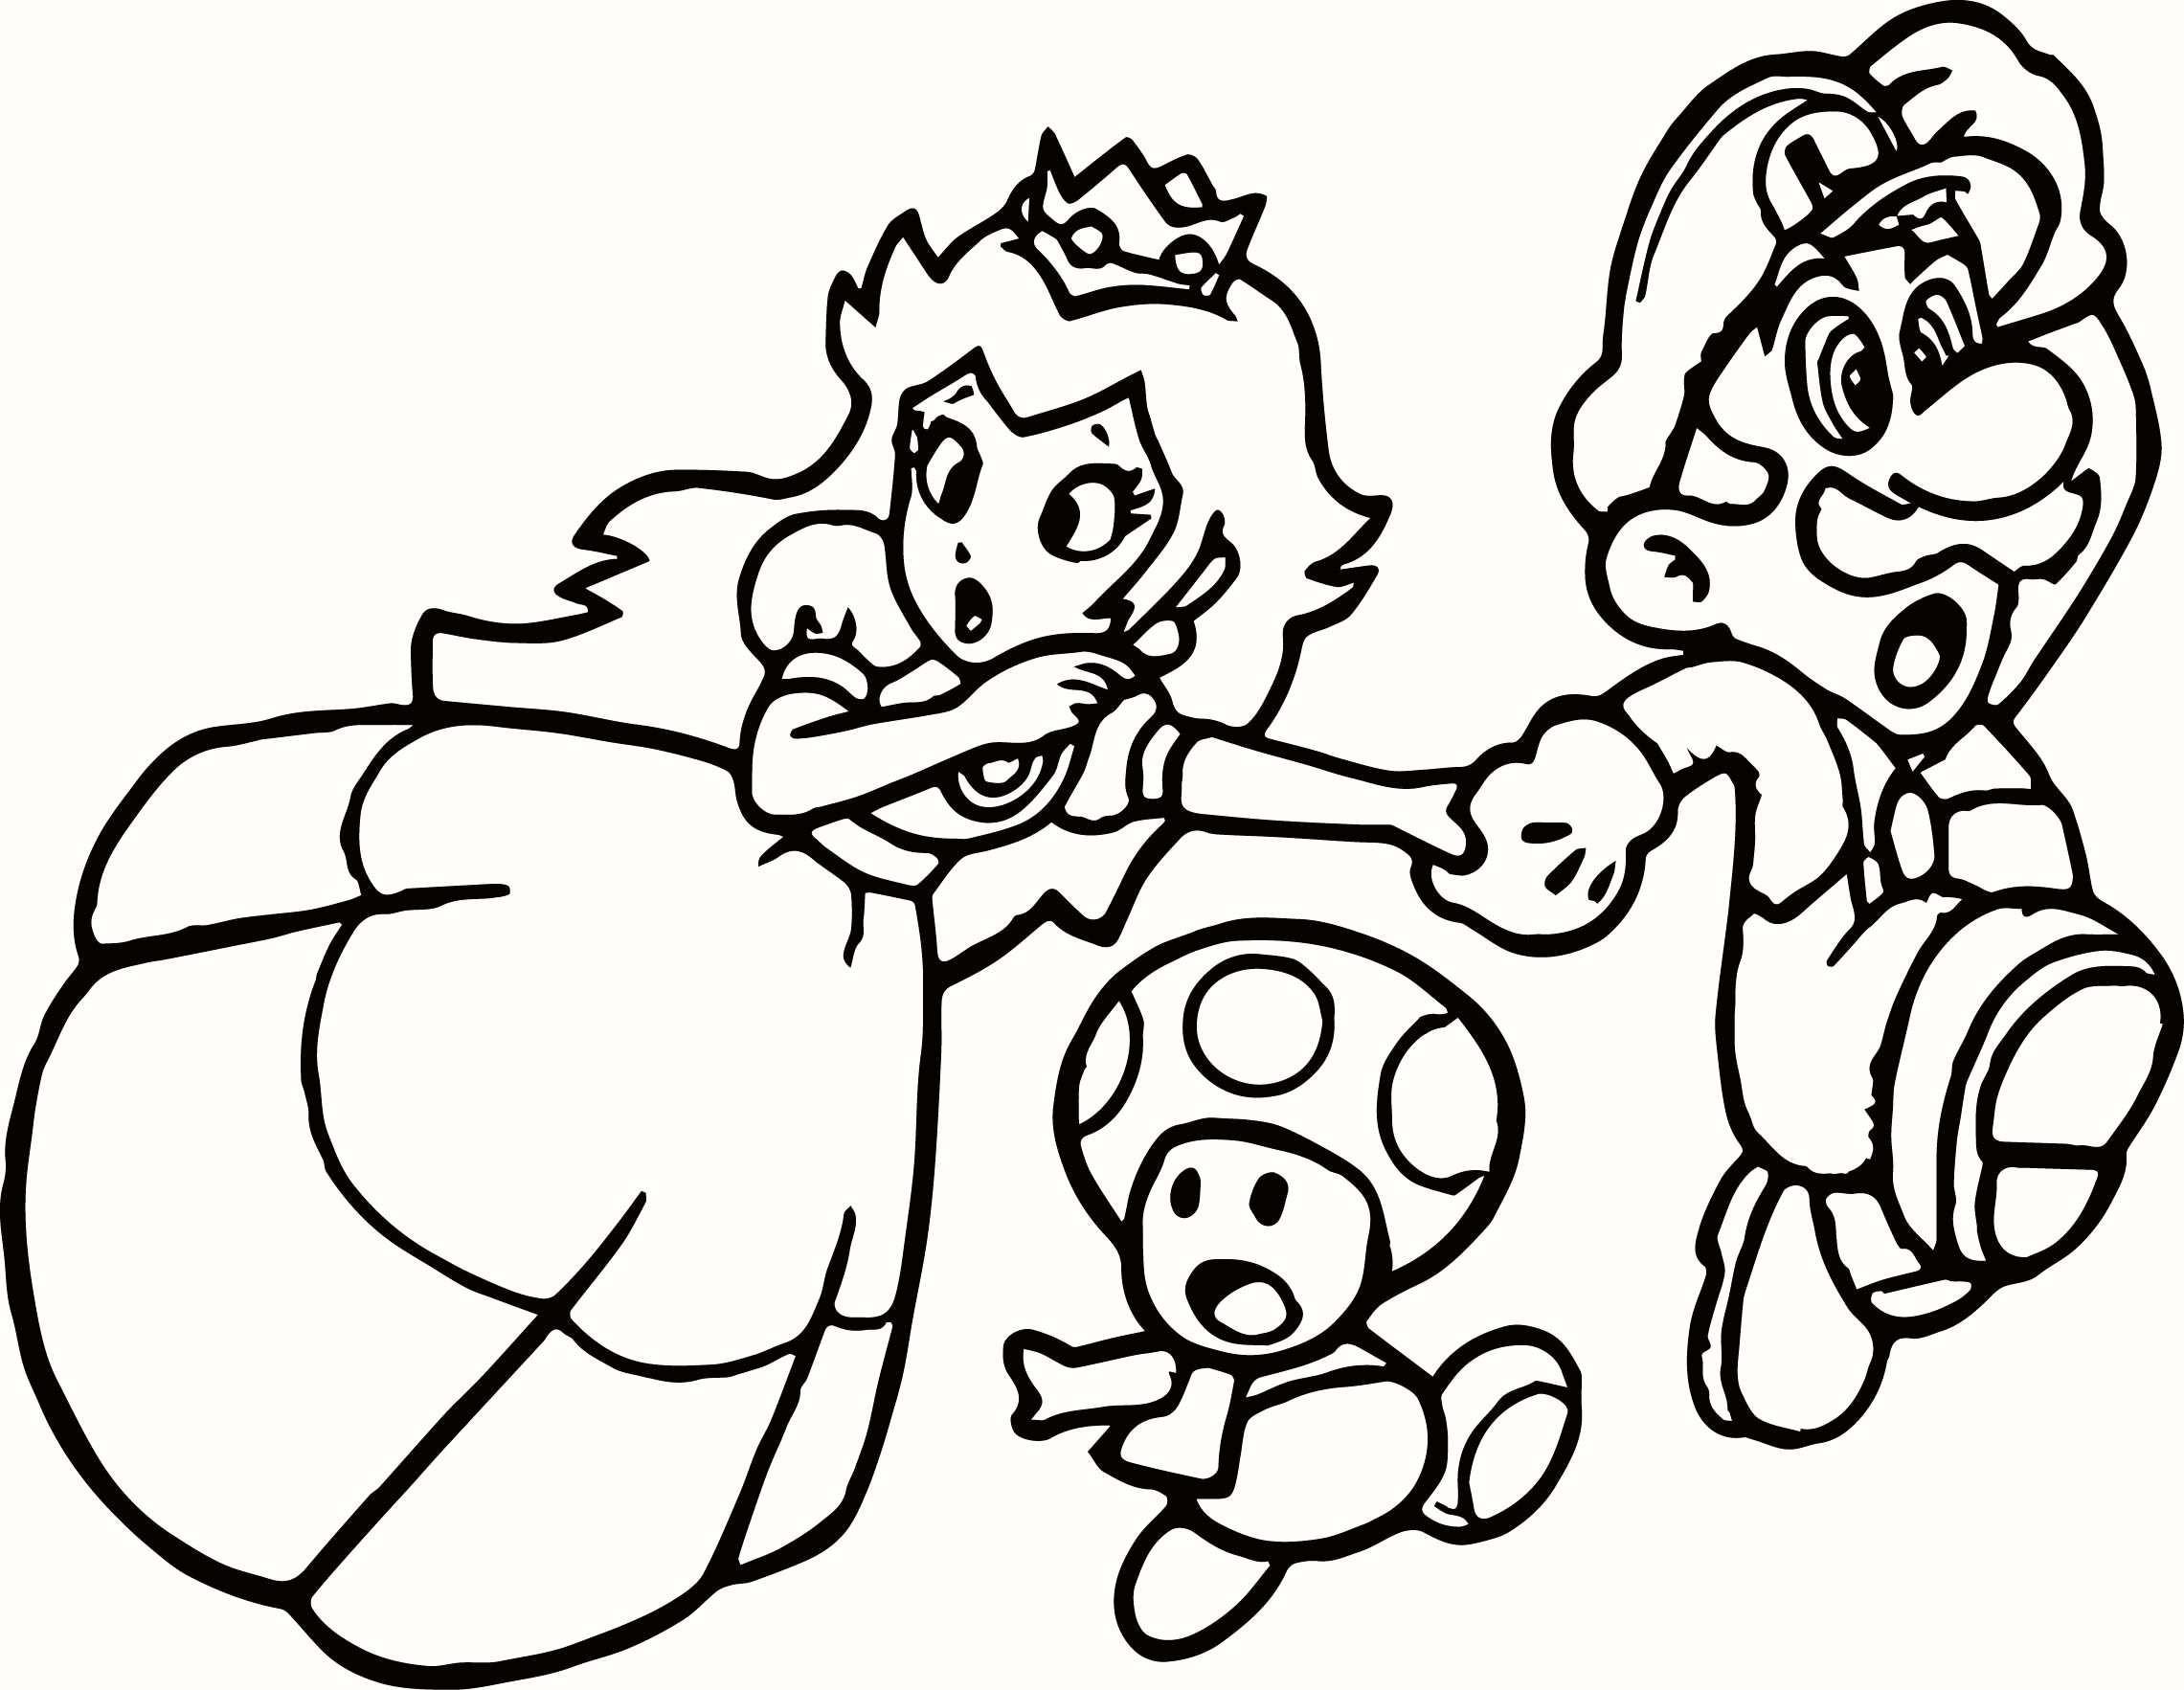 Super Mario Ausmalbilder Genial Mario Coloring Pages for Boys Download Ausmalbilder Super Mario Das Bild